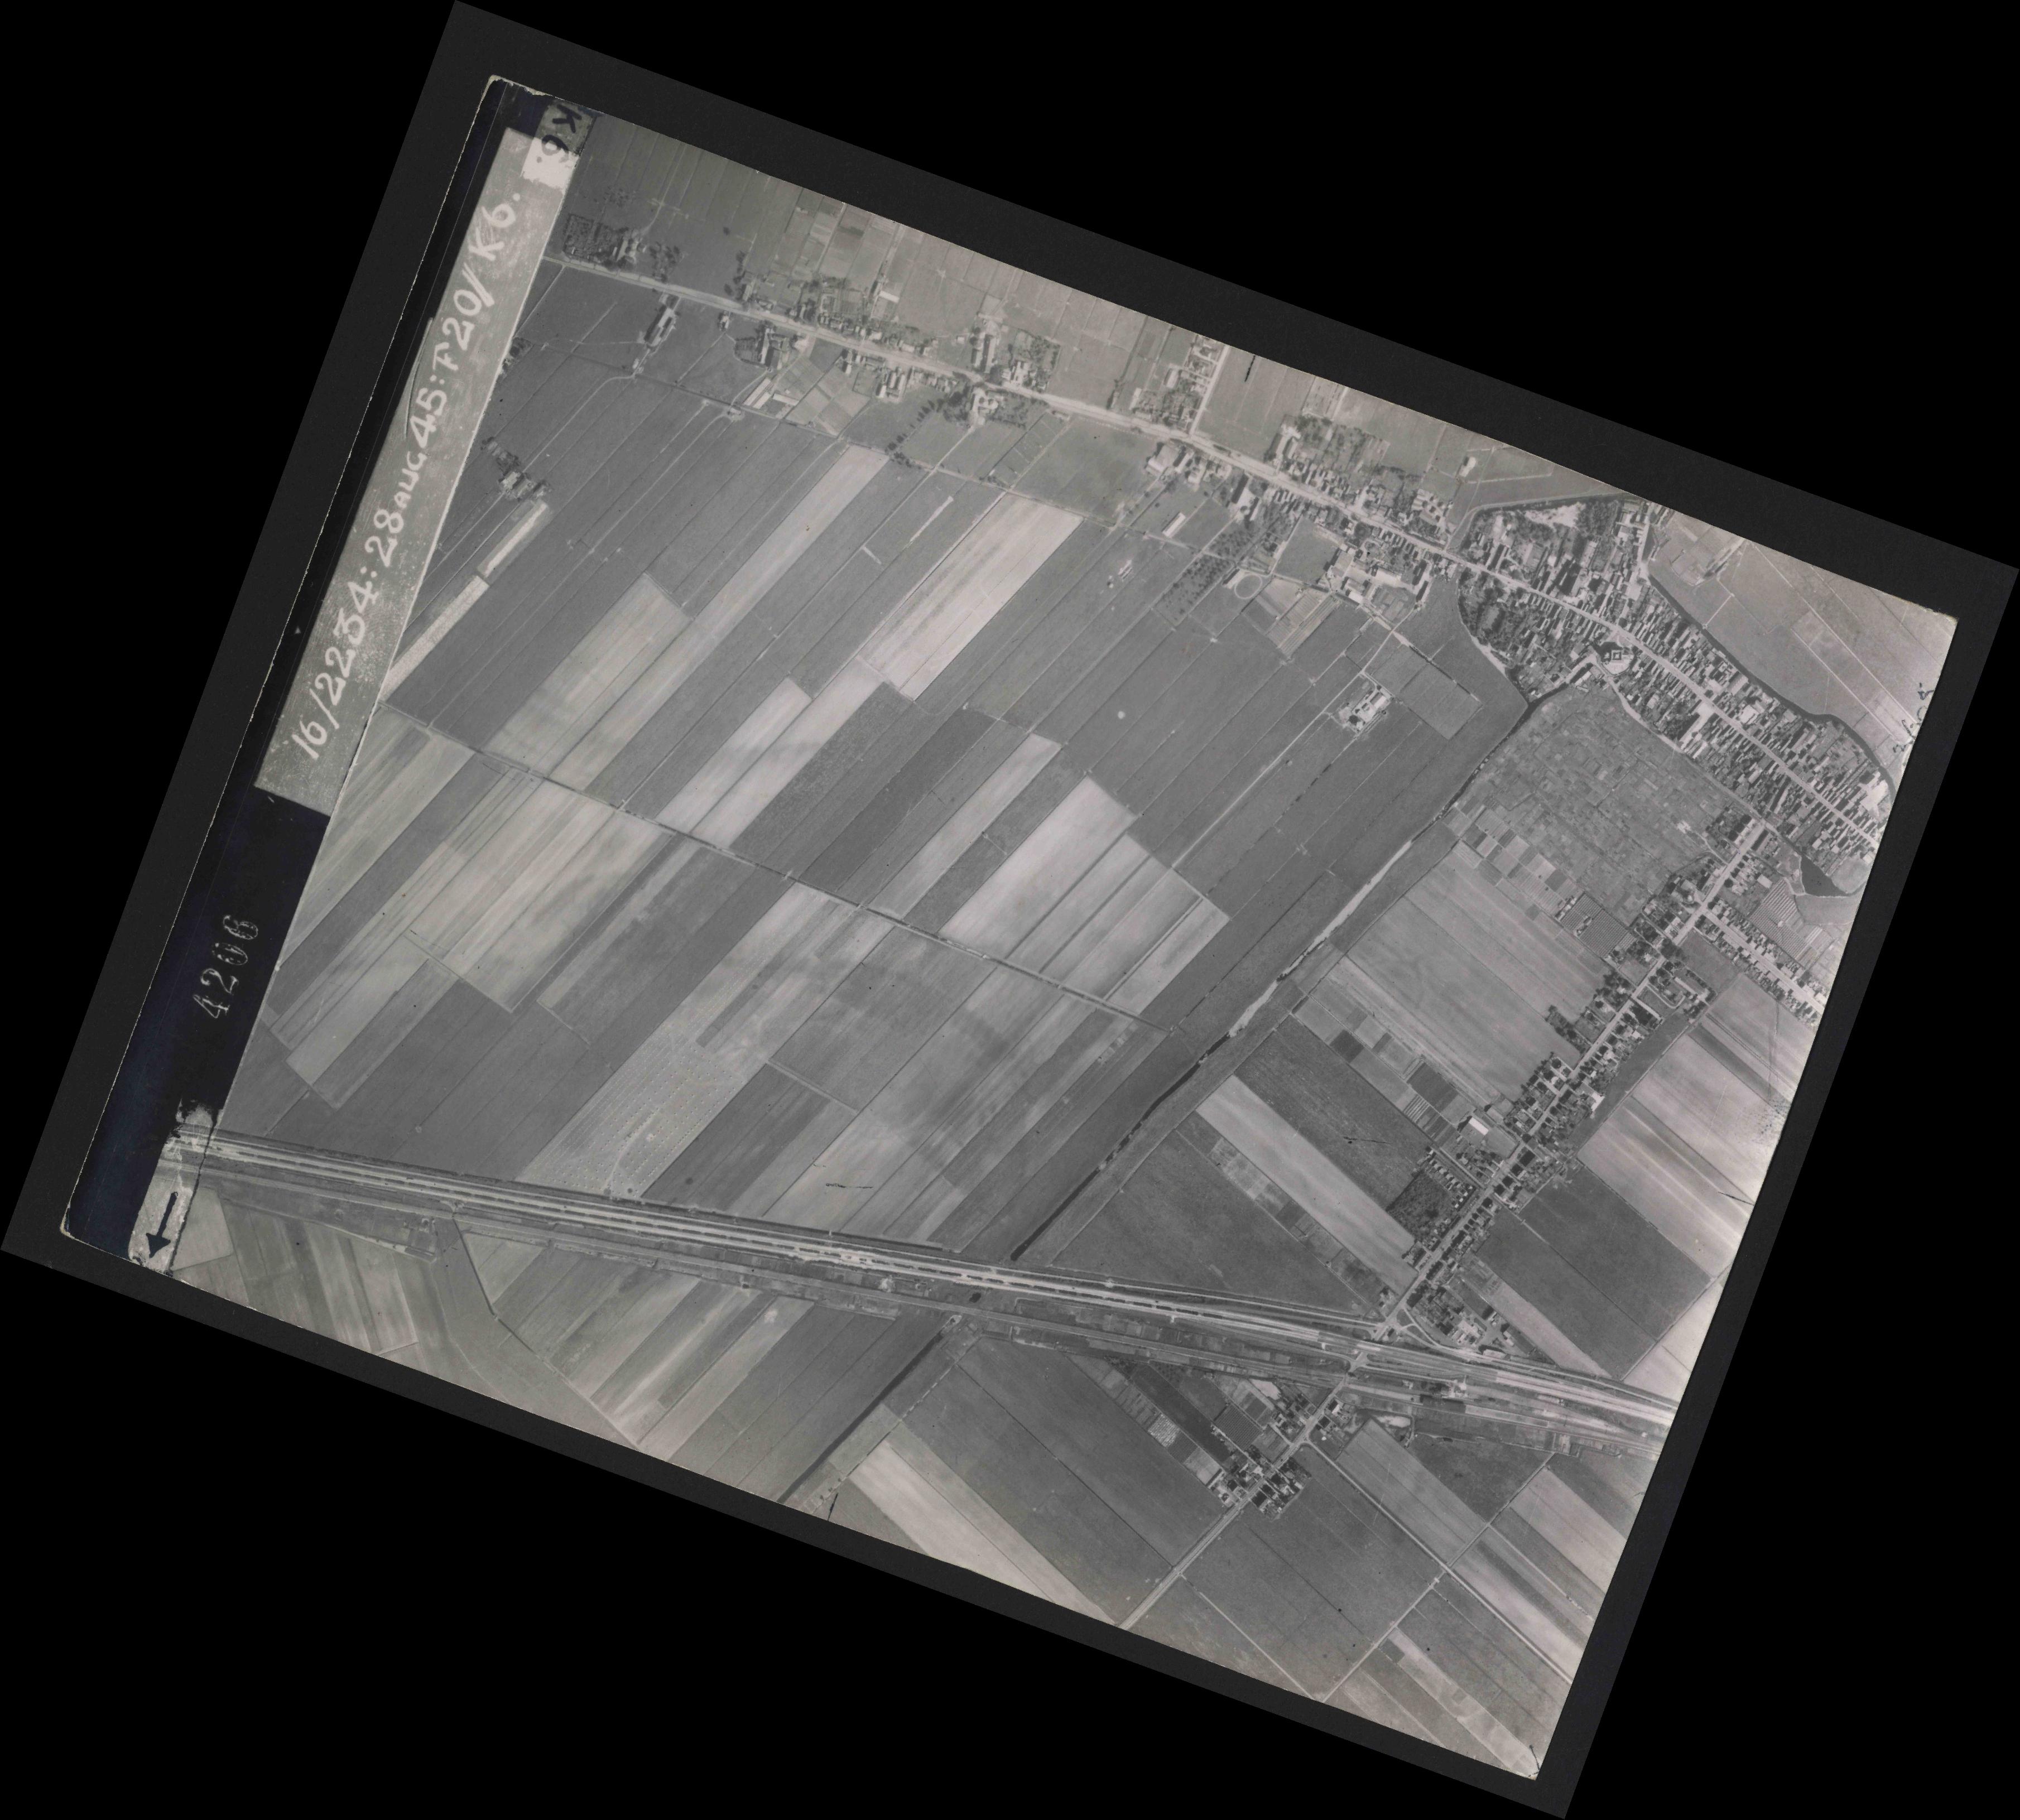 Collection RAF aerial photos 1940-1945 - flight 031, run 01, photo 4206